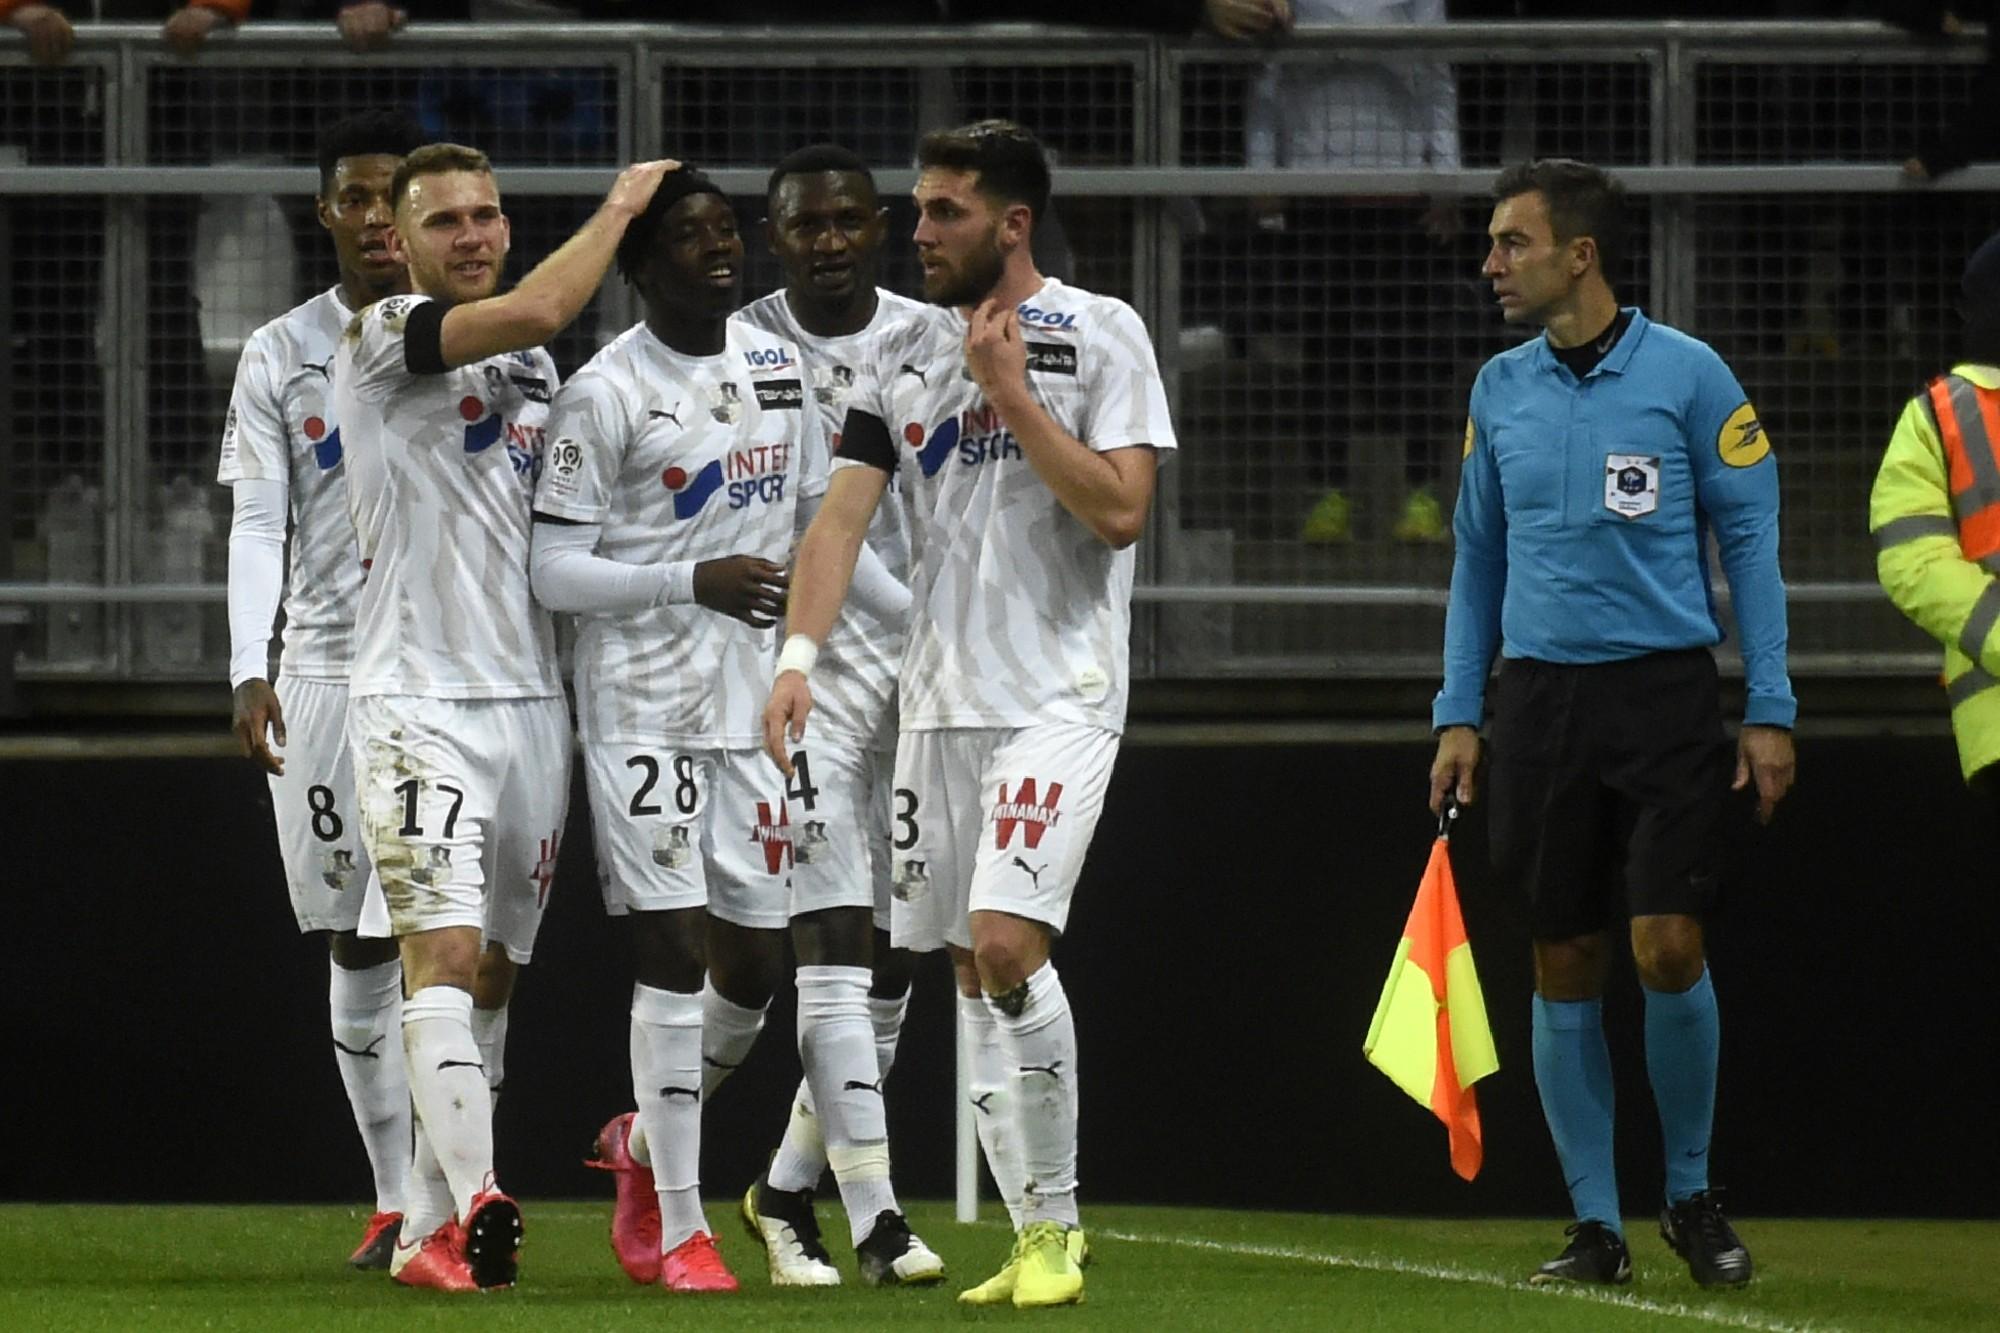 Ligue 1 : face à Strasbourg, Amiens s'attend à une rencontre